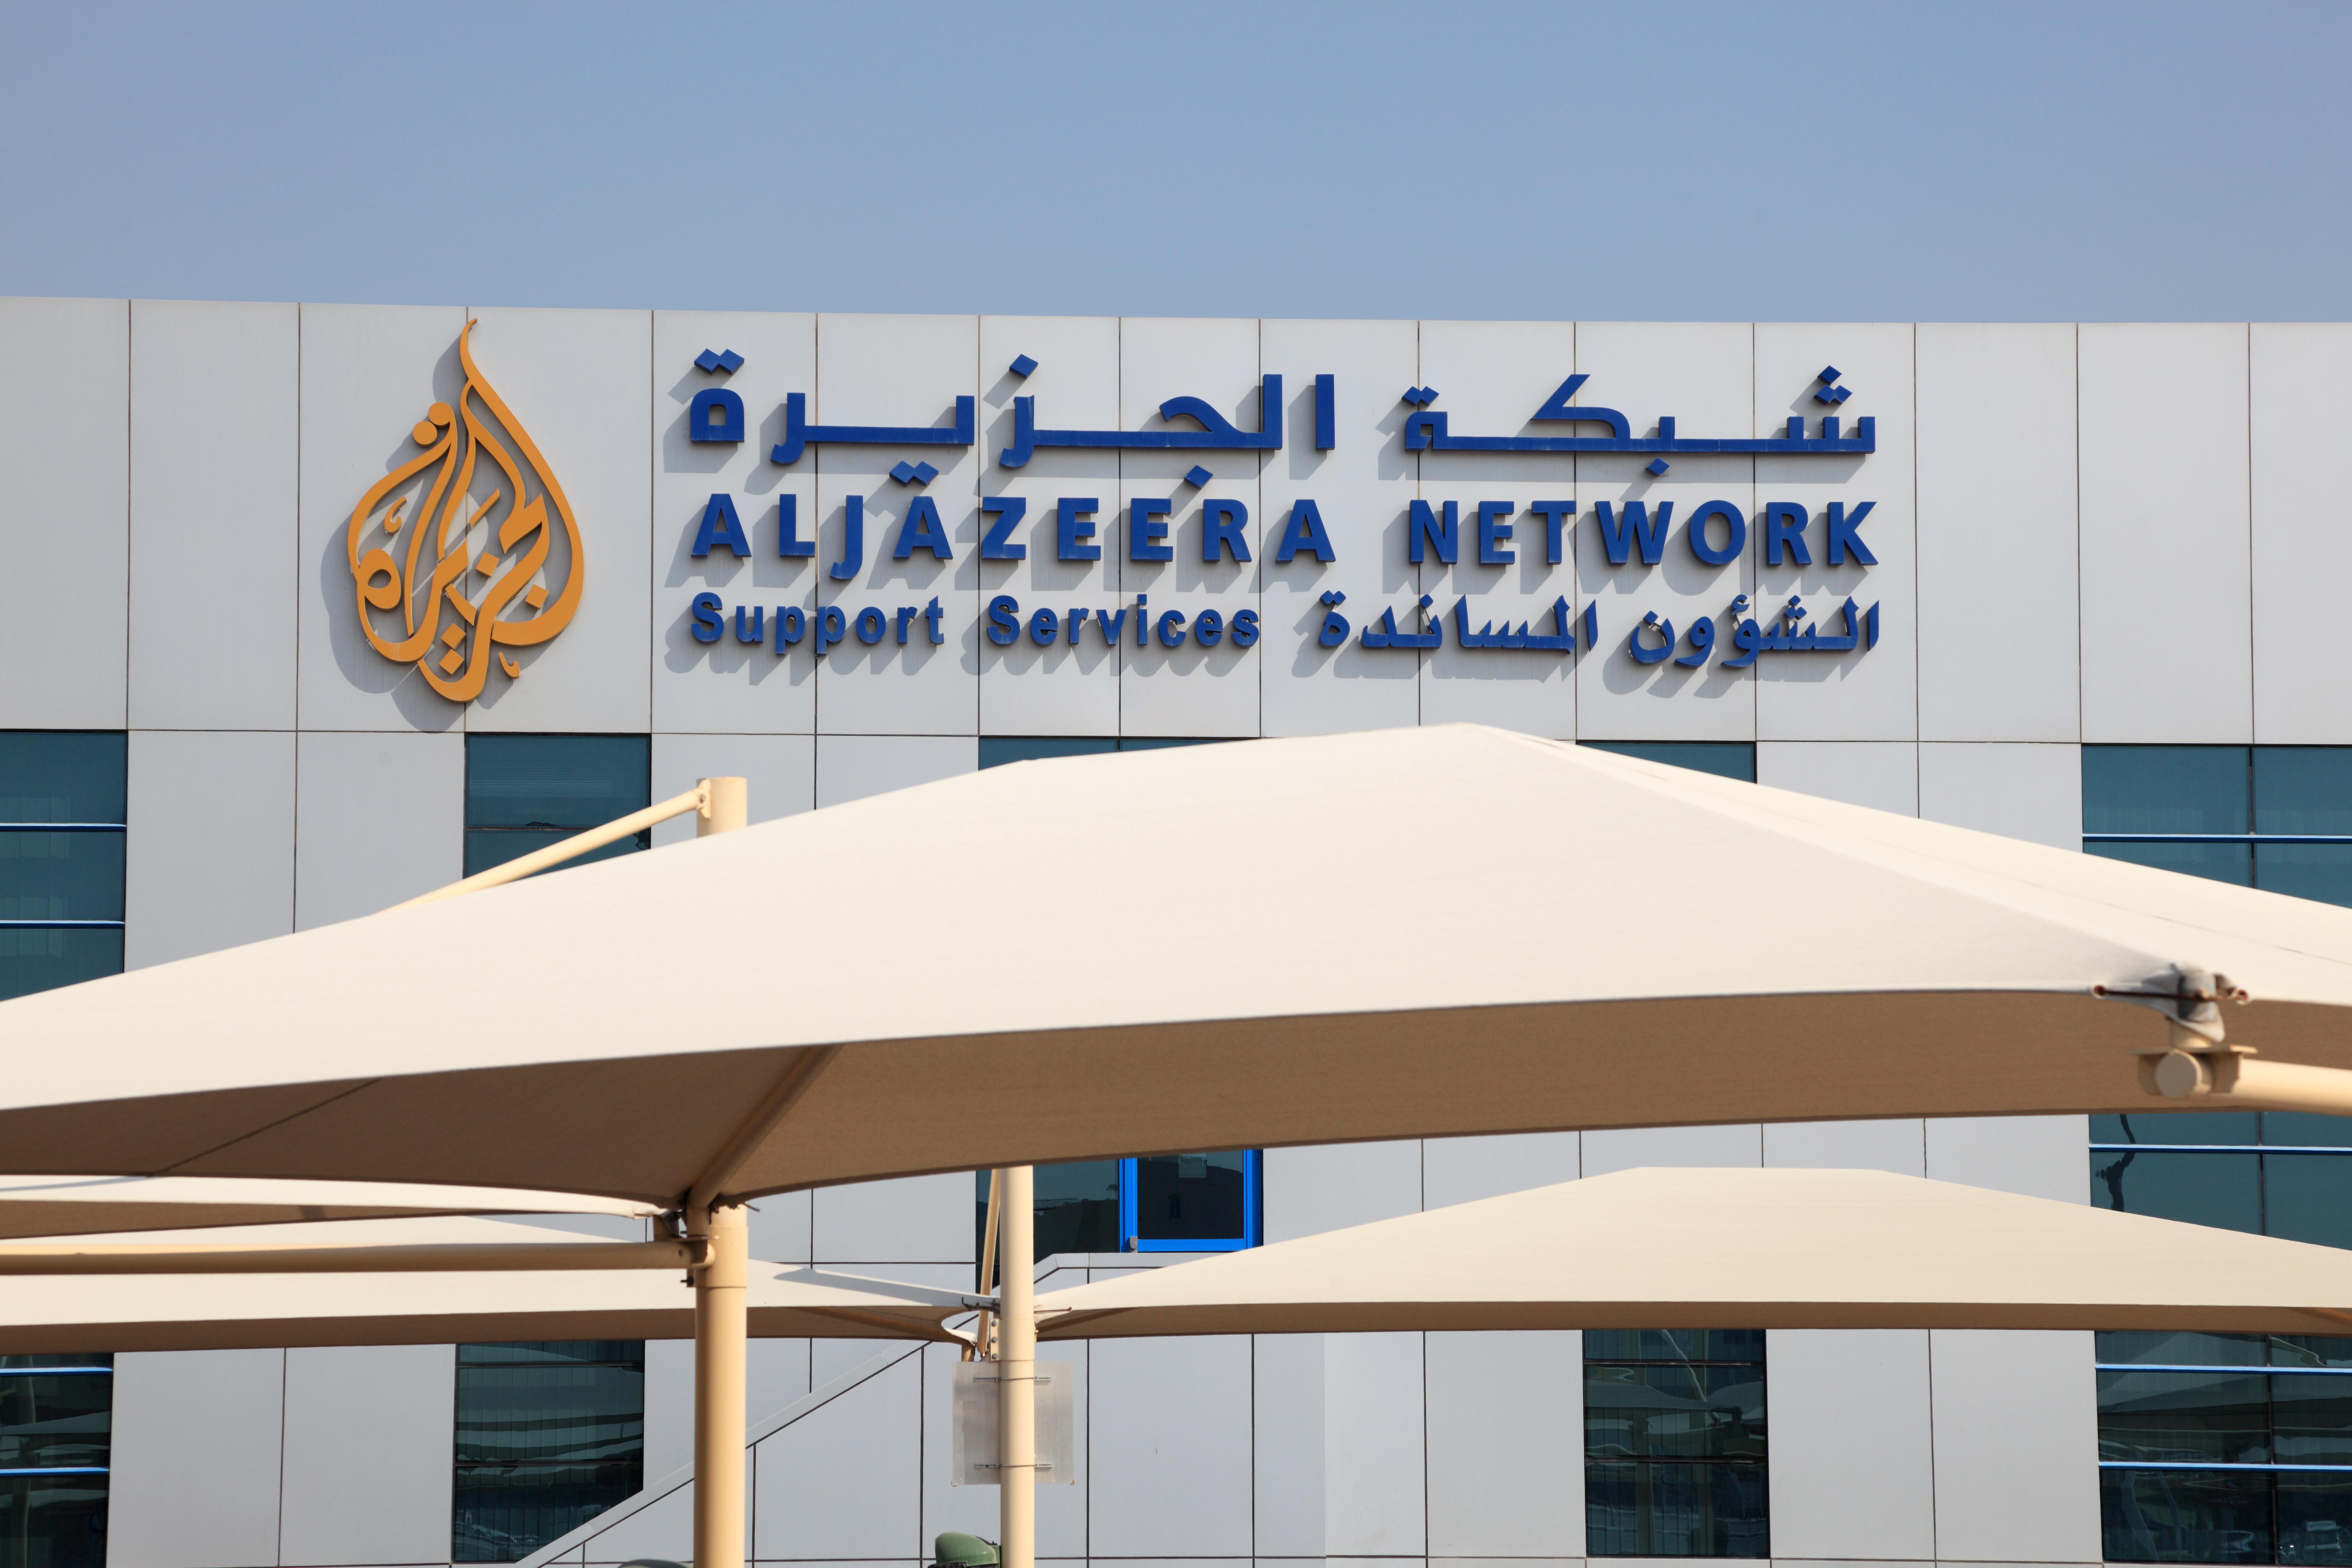 Catar irá rejeitar demandas árabes mas está pronto para diálogos, diz chanceler